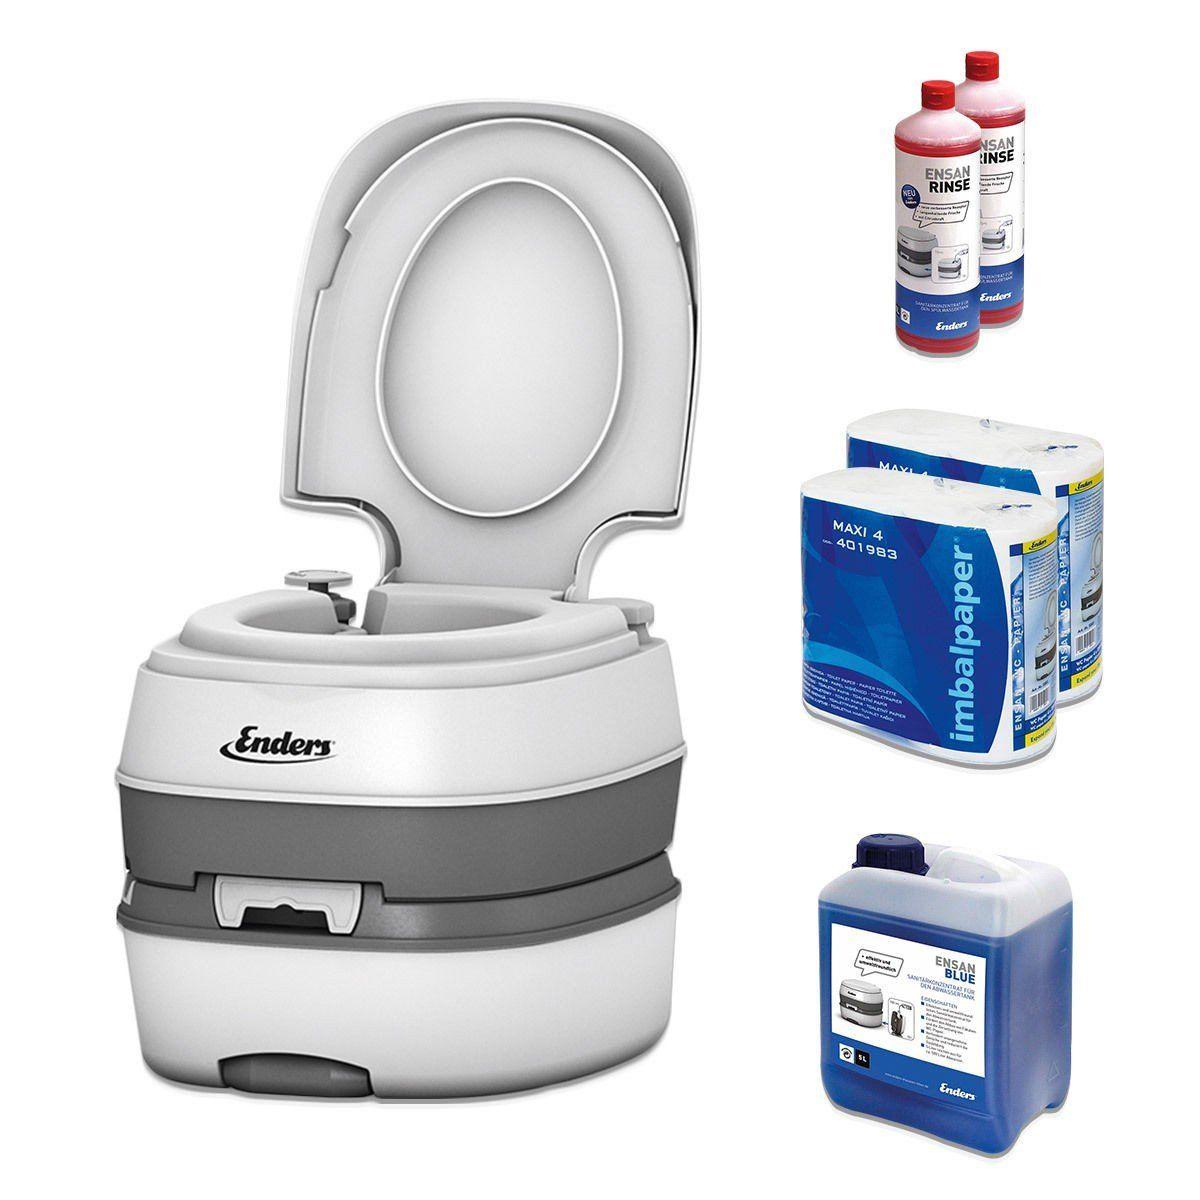 Wc Chimico Portatile Per Campeggio Starter Set Blue 5 0 Enders Deluxe Con Liquido Sanitario E Carta Igienica Water Portatile W Furgoneta Compras Sanitarios